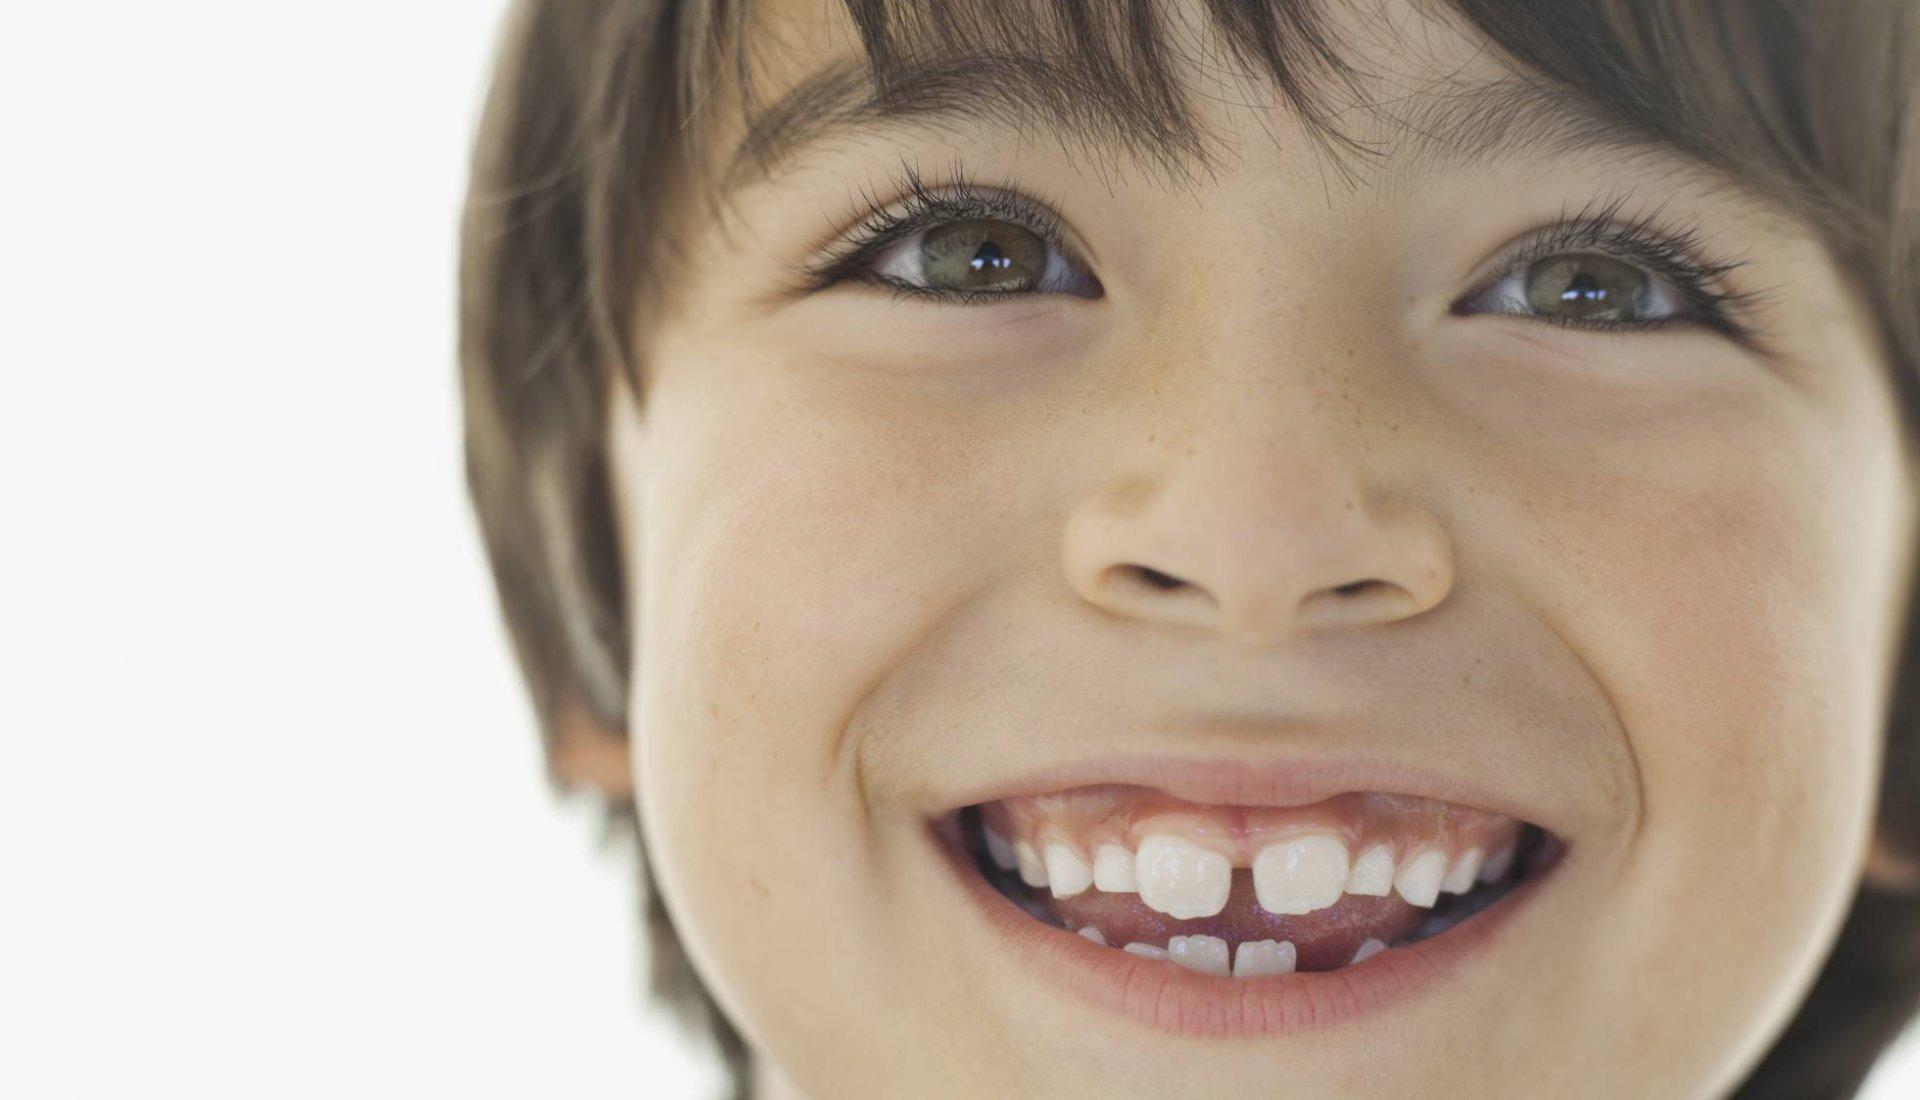 Algunos bulos sobre los dientes de nuestros hijos